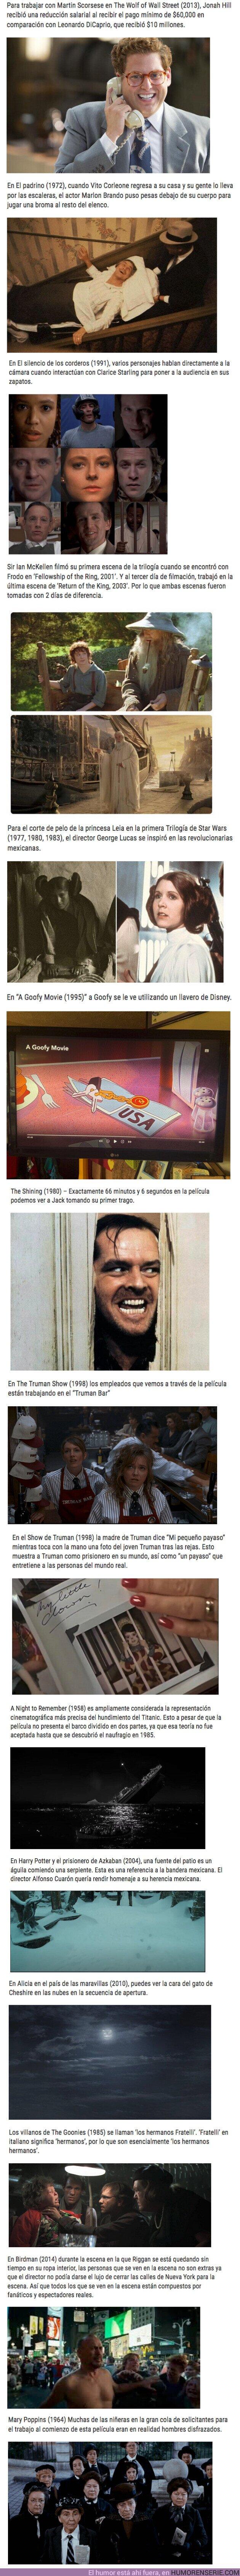 52606 - GALERÍA: 15 detalles locos de películas famosas que seguro que no conocías